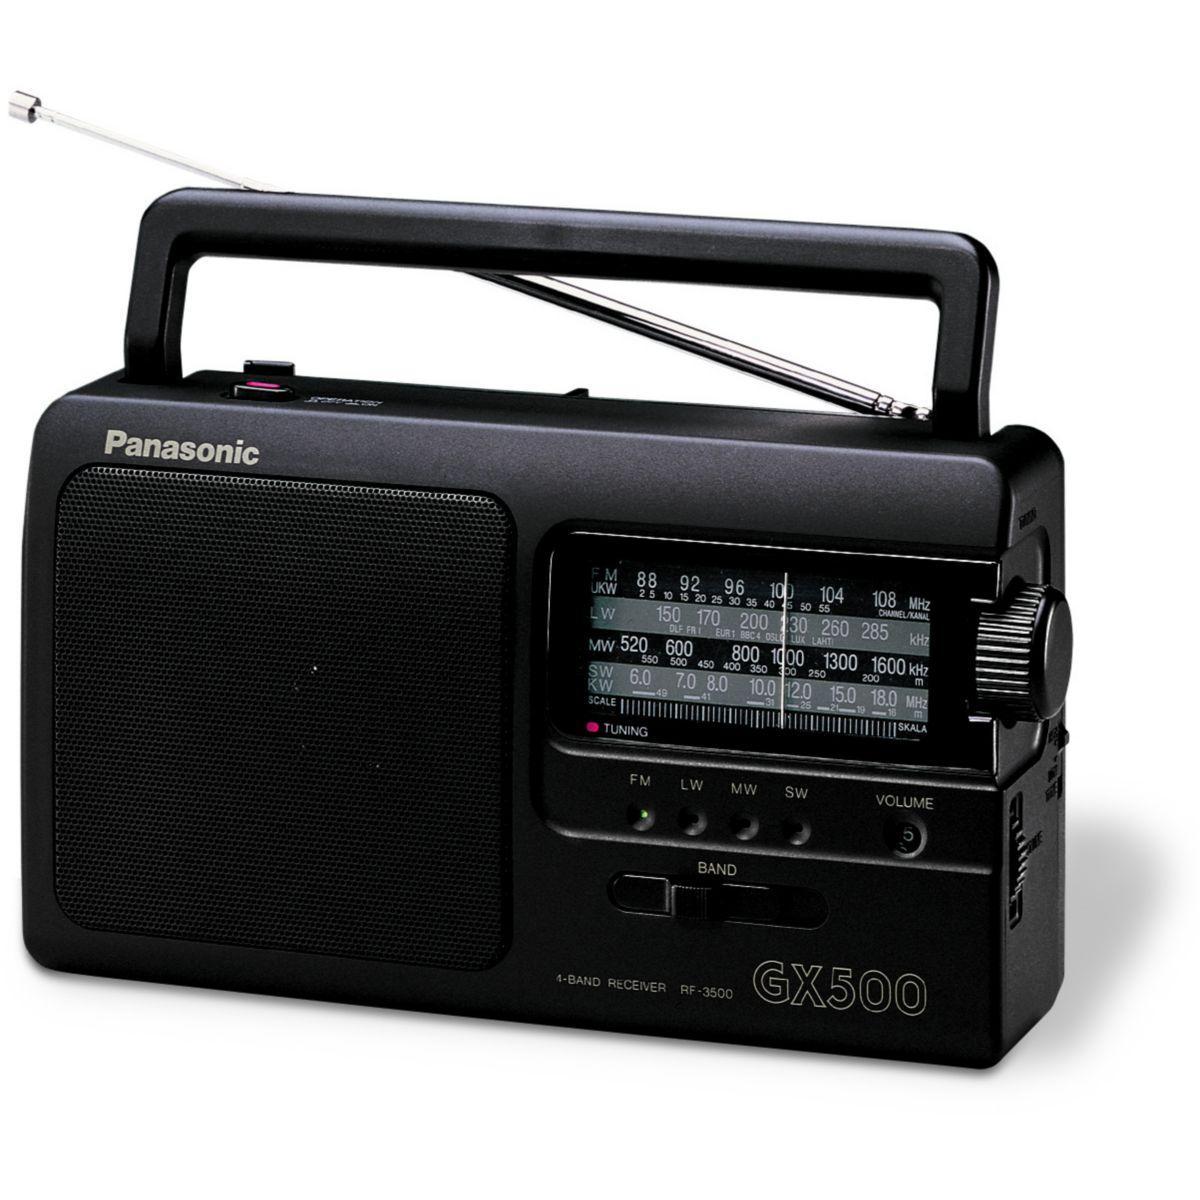 Radio analogique panasonic rf-3500 - livraison offerte : code premium